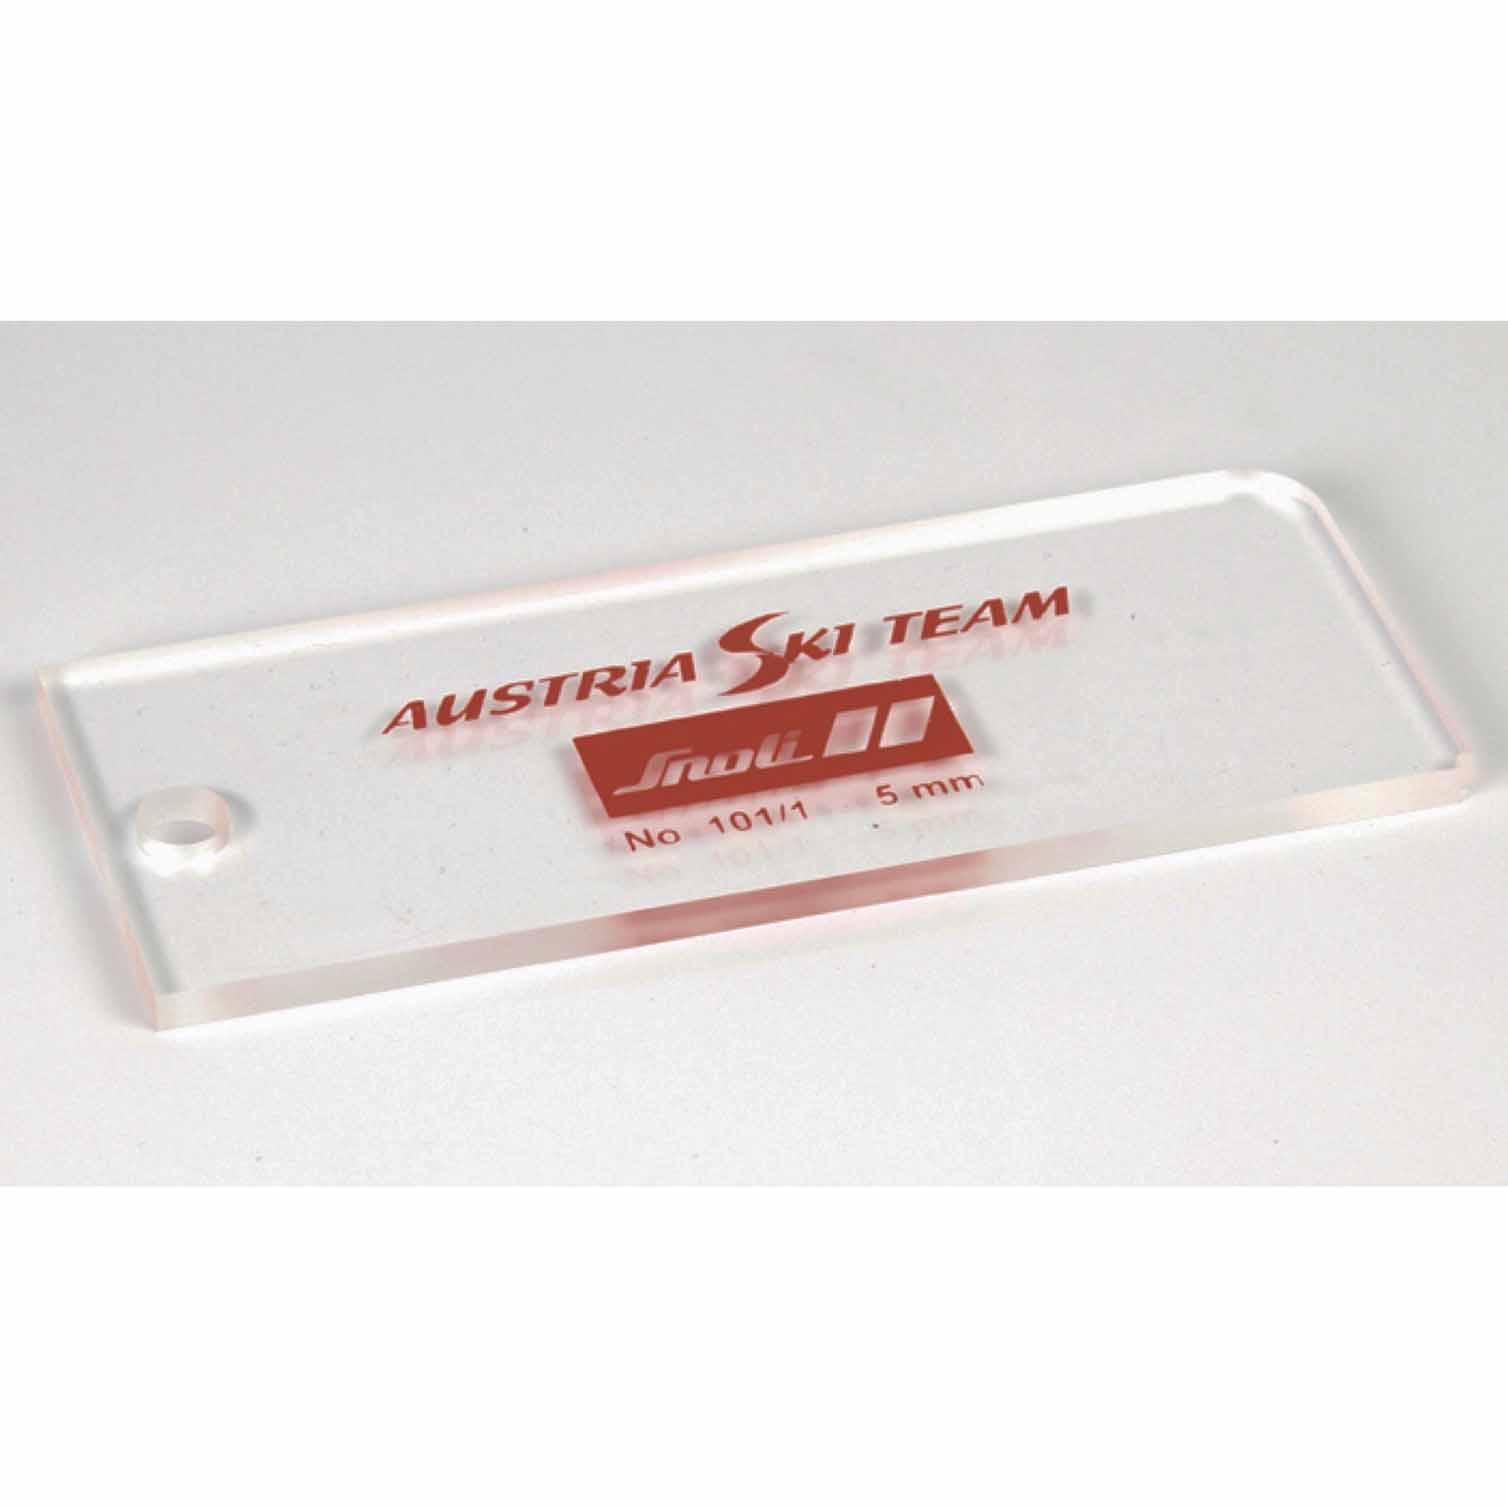 5 mm Thick Holmenkol Wax Scraper